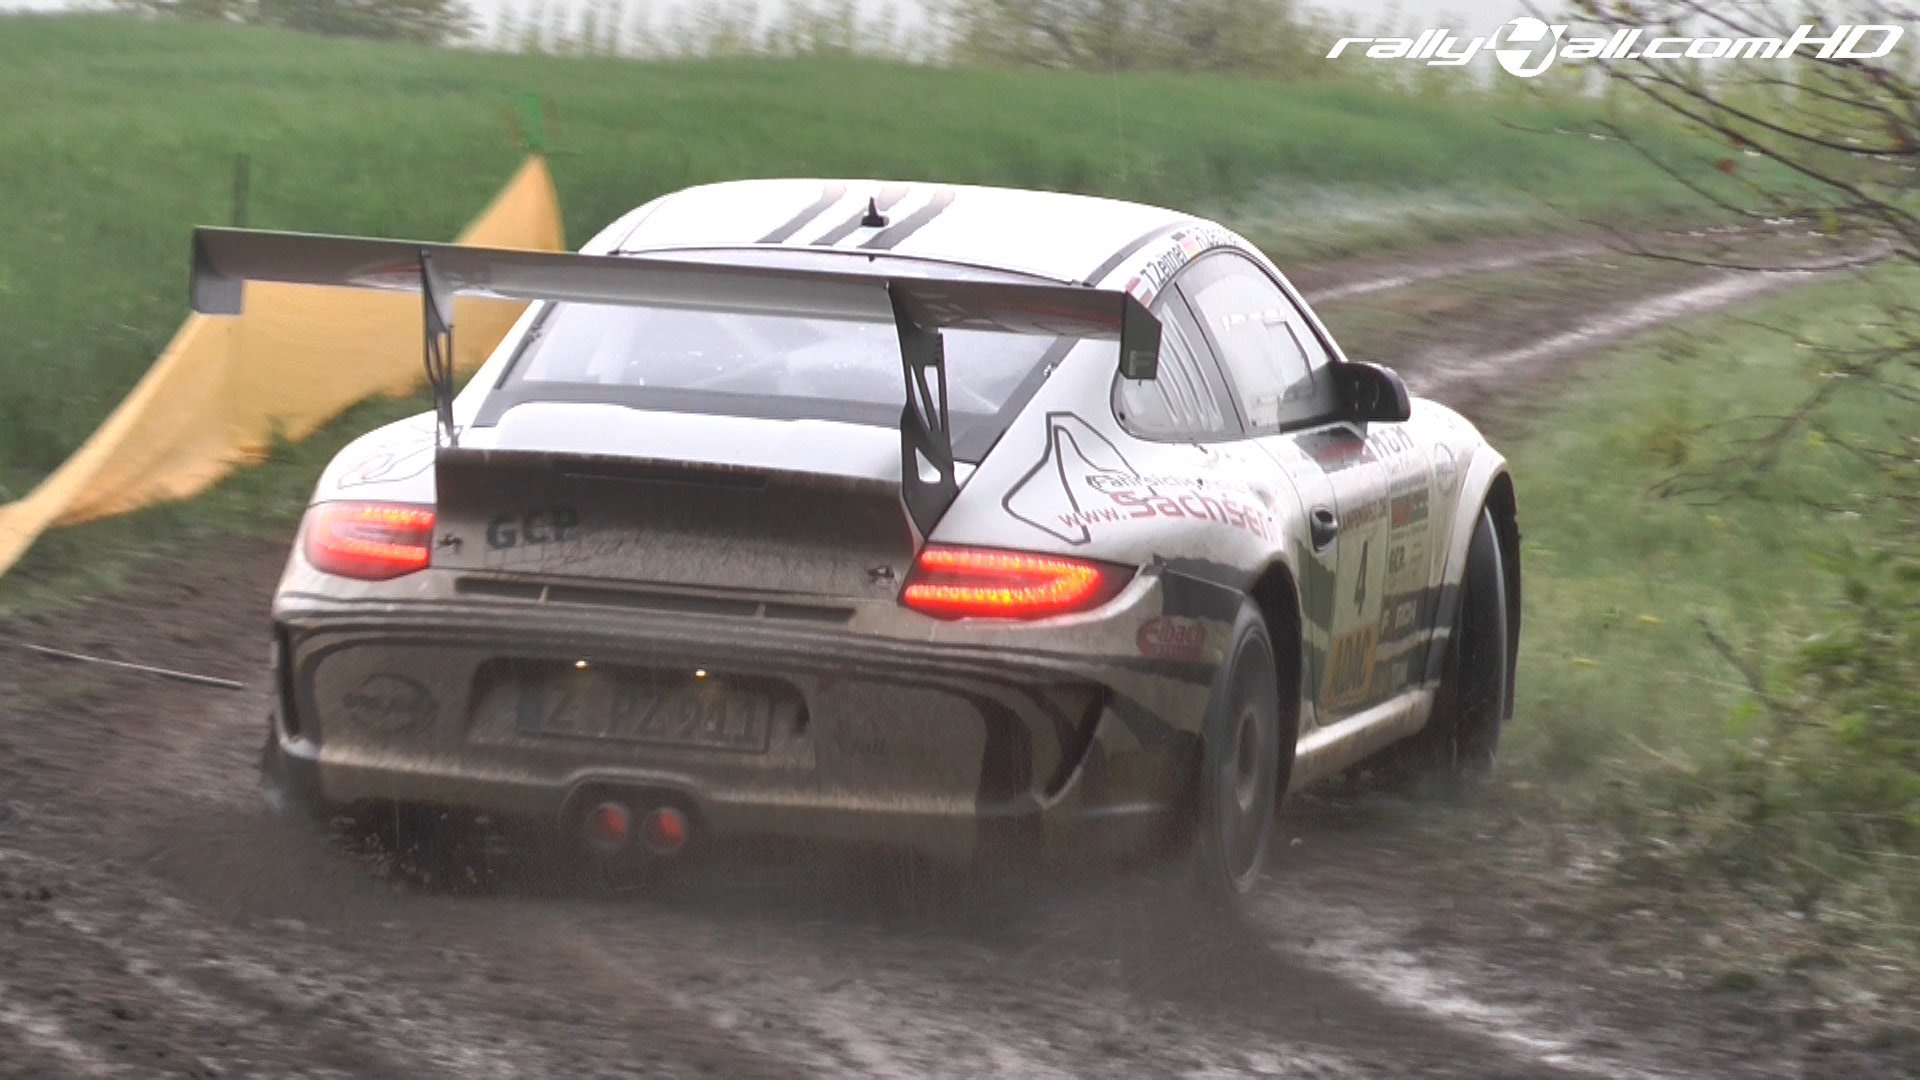 Porsche 911 Gt3 Rs Im Rallye Einsatz